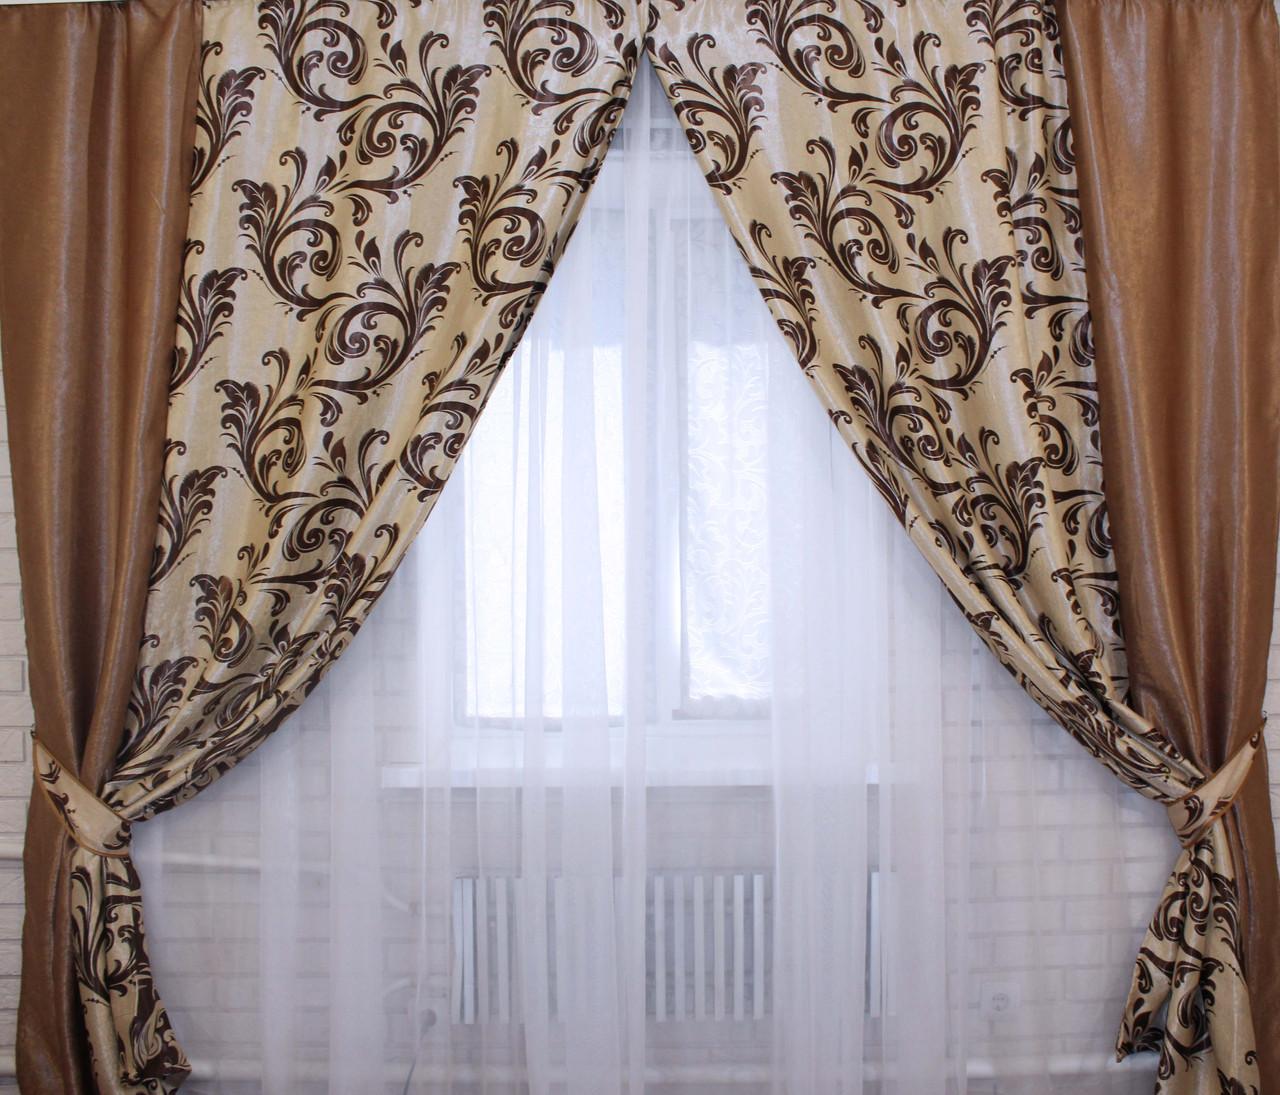 Шторы комбинированные. 2 шторы: ширина 1,4м., длина 2,5м. е310